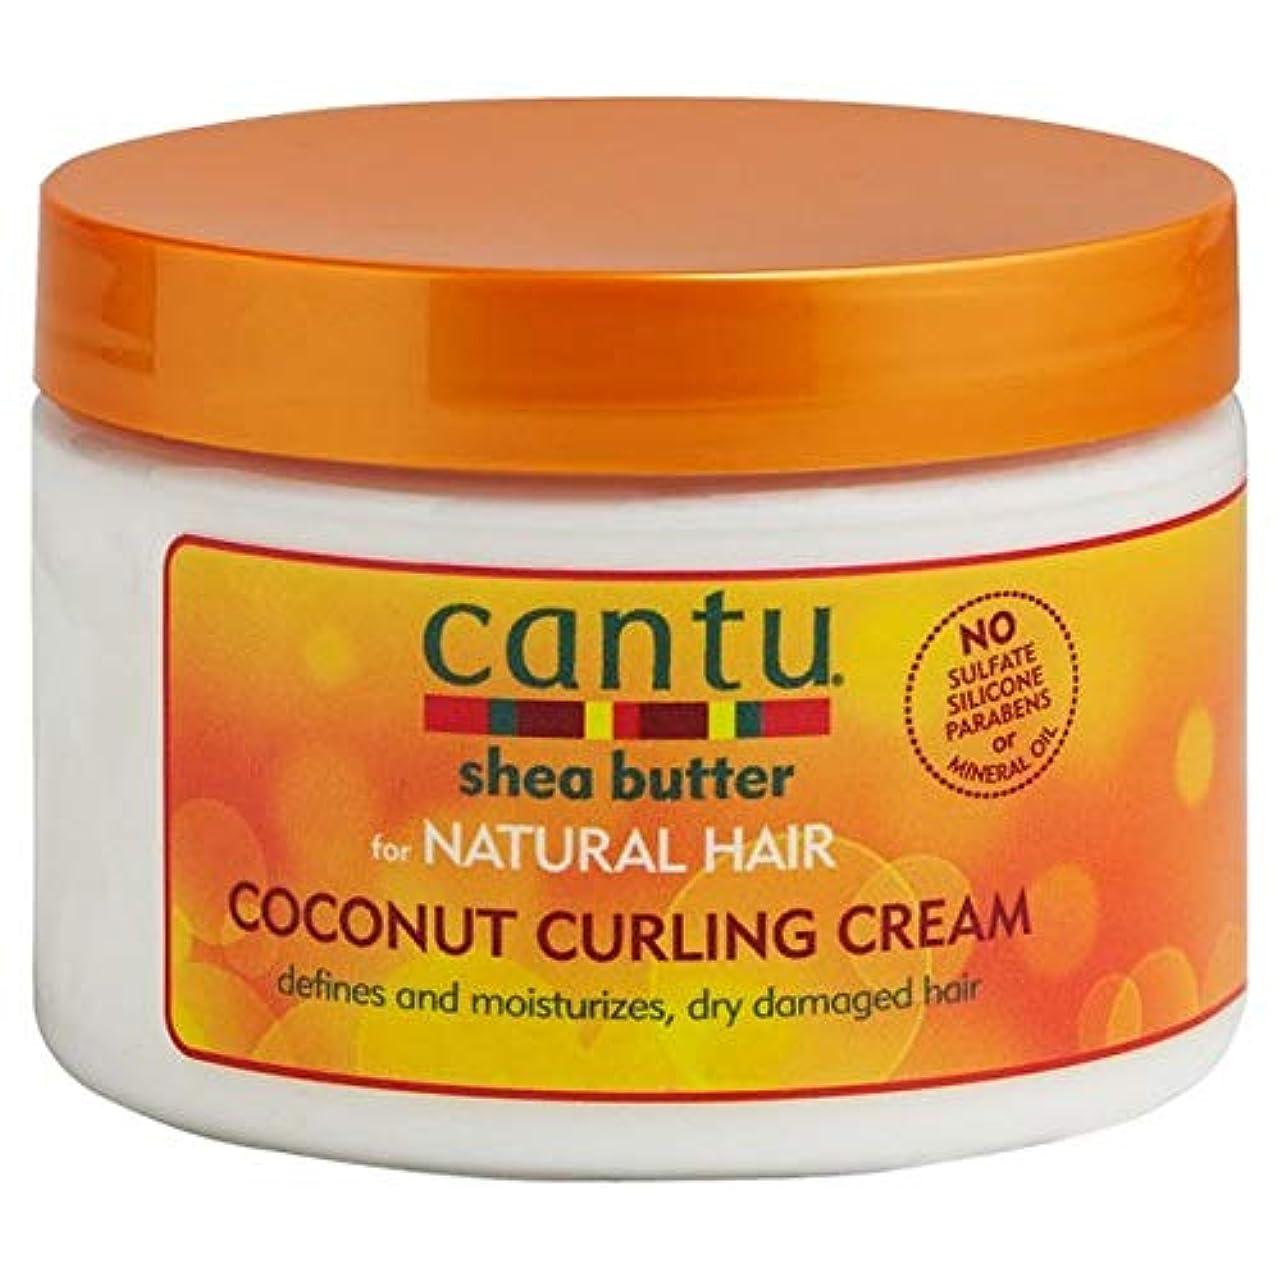 大洪水邪魔する一般的な[Cantu] カントゥココナッツカーリングクリーム340グラム - Cantu Coconut Curling Cream 340G [並行輸入品]